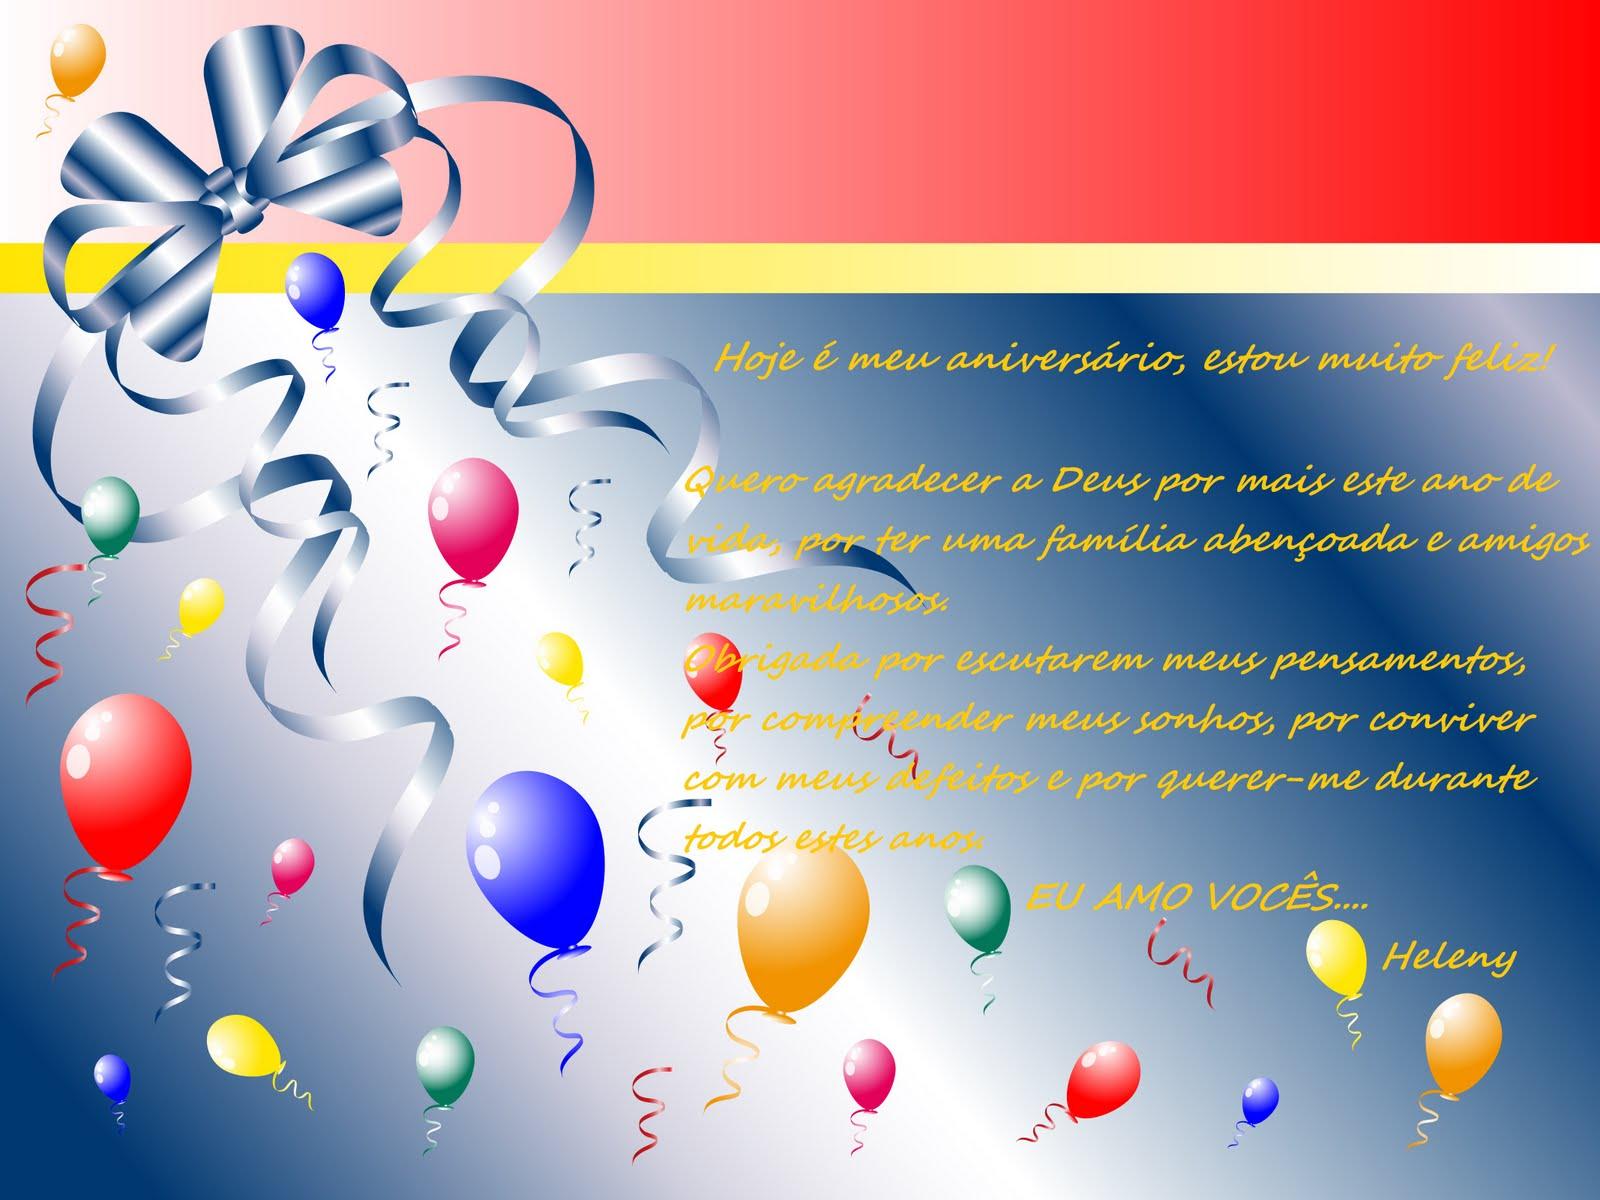 Mensagens De Aniversario Para Facebook: Linhas Com Carinho: Mensagem De Aniversário